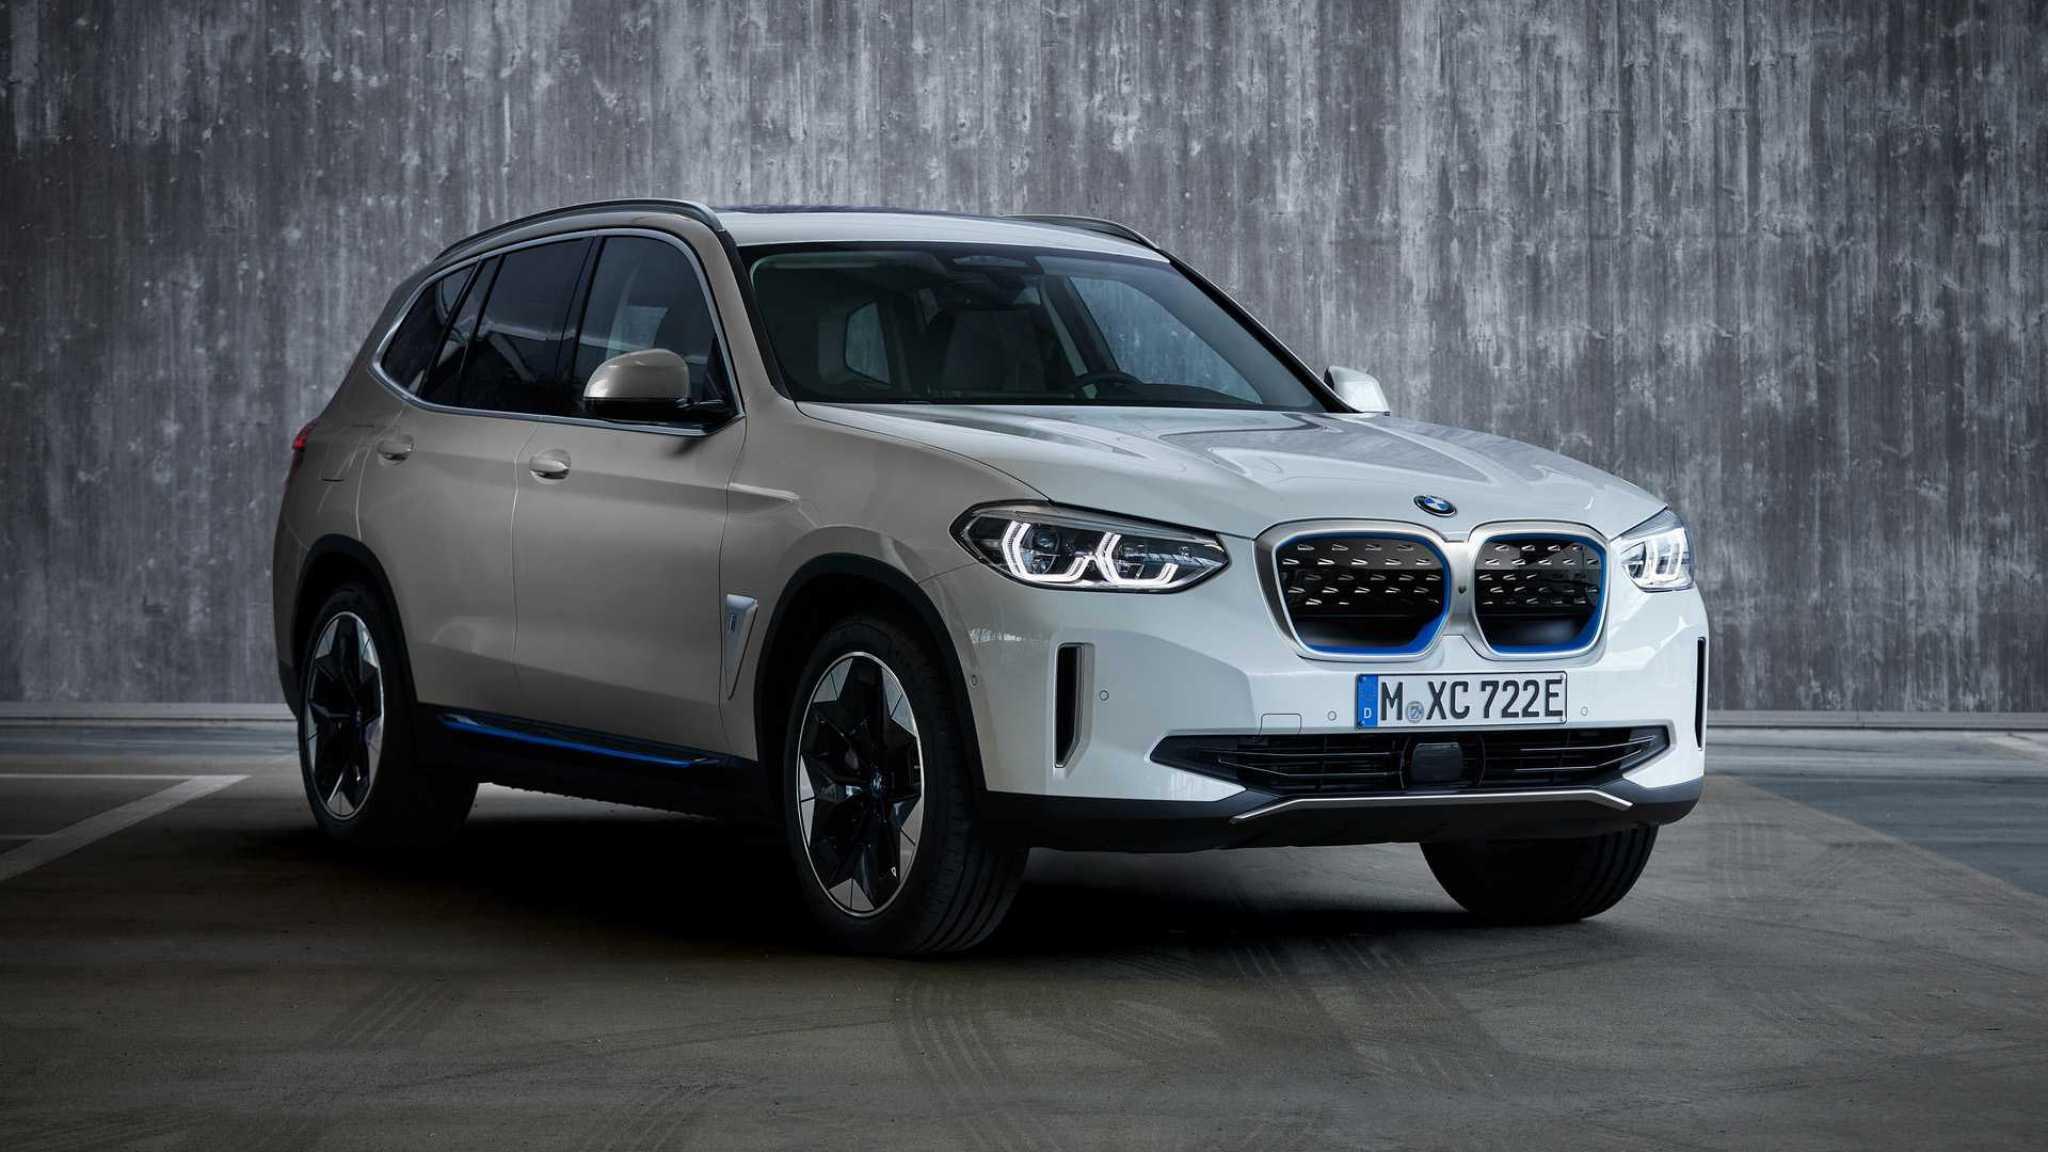 BMW iX3, primul SUV electric al bavarezilor, are 286 CP și autonomie de 460 km